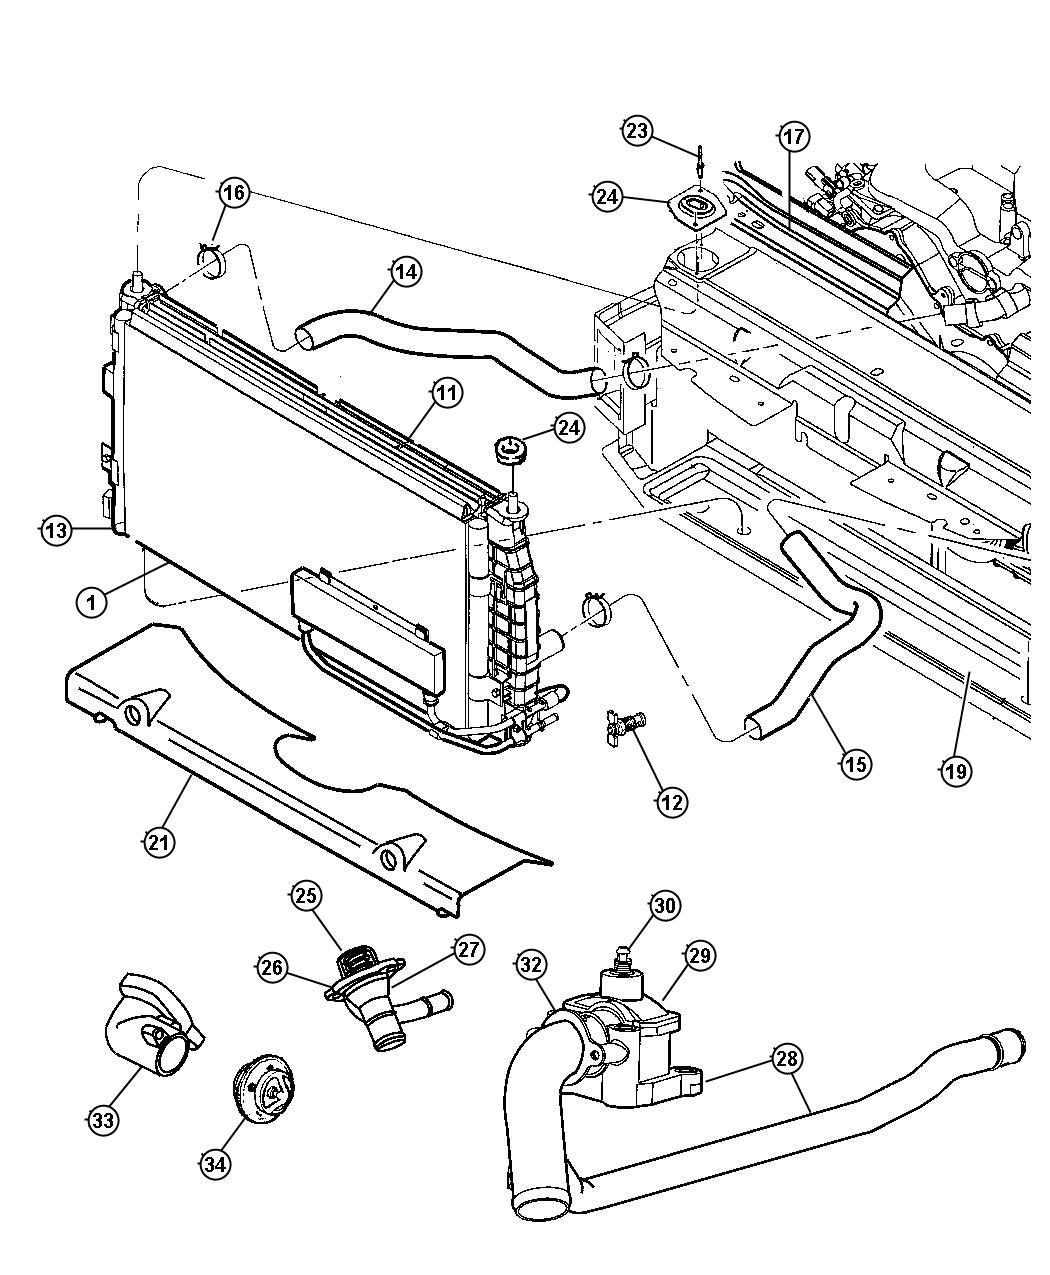 Dodge Intrepid Es 3 5l High Output V6 24v Mpi 4